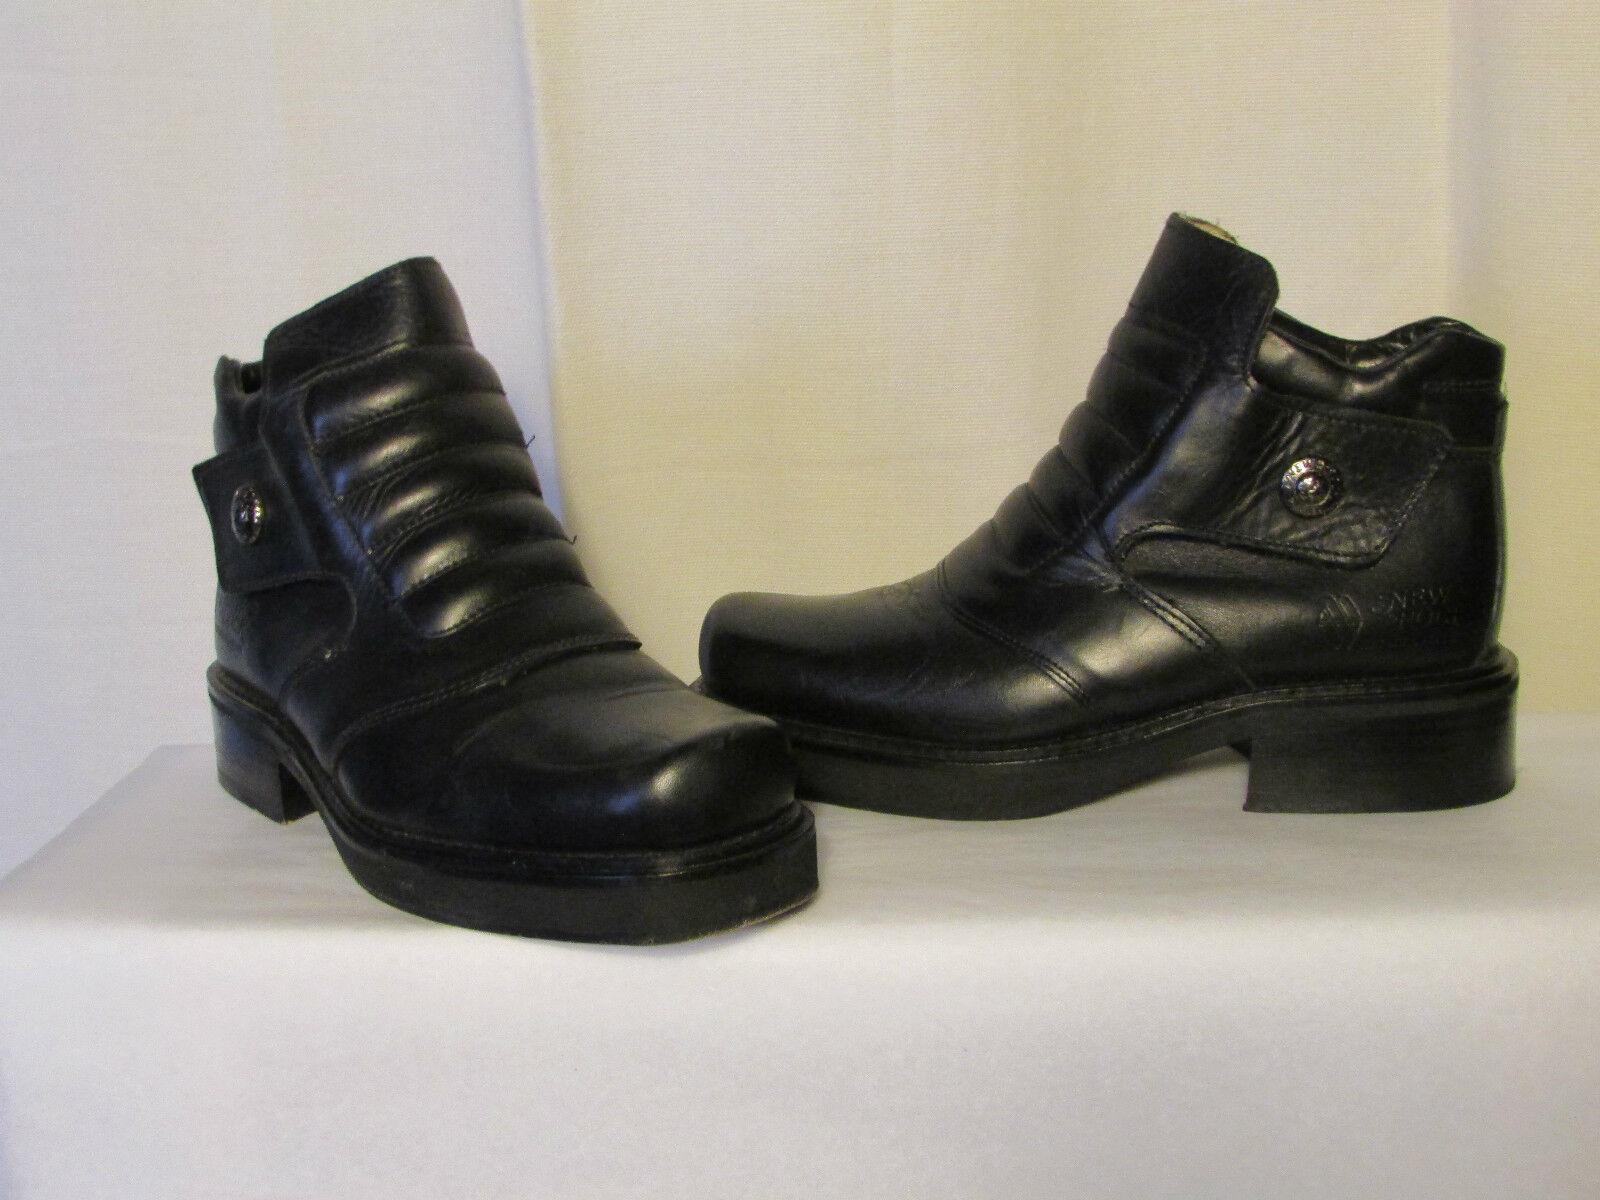 botas botas botas botines nuevo rock cuero negro 36  Precio por piso